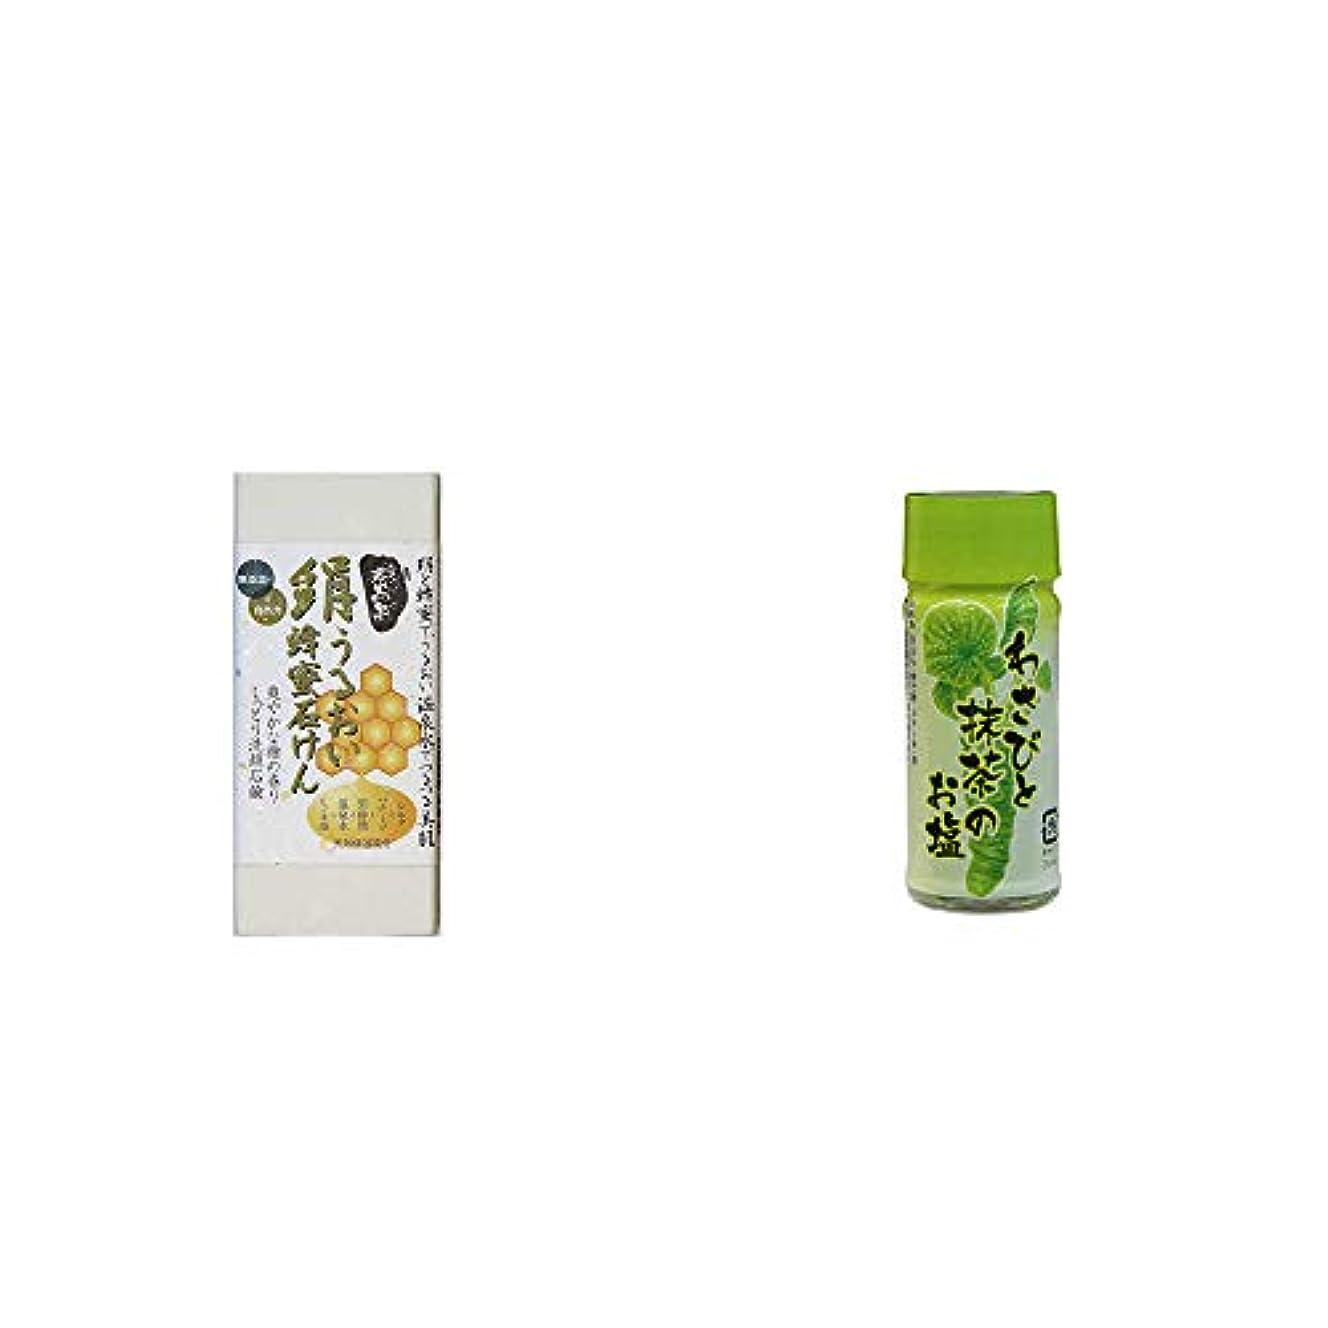 シャット犬推進[2点セット] ひのき炭黒泉 絹うるおい蜂蜜石けん(75g×2)?わさびと抹茶のお塩(30g)